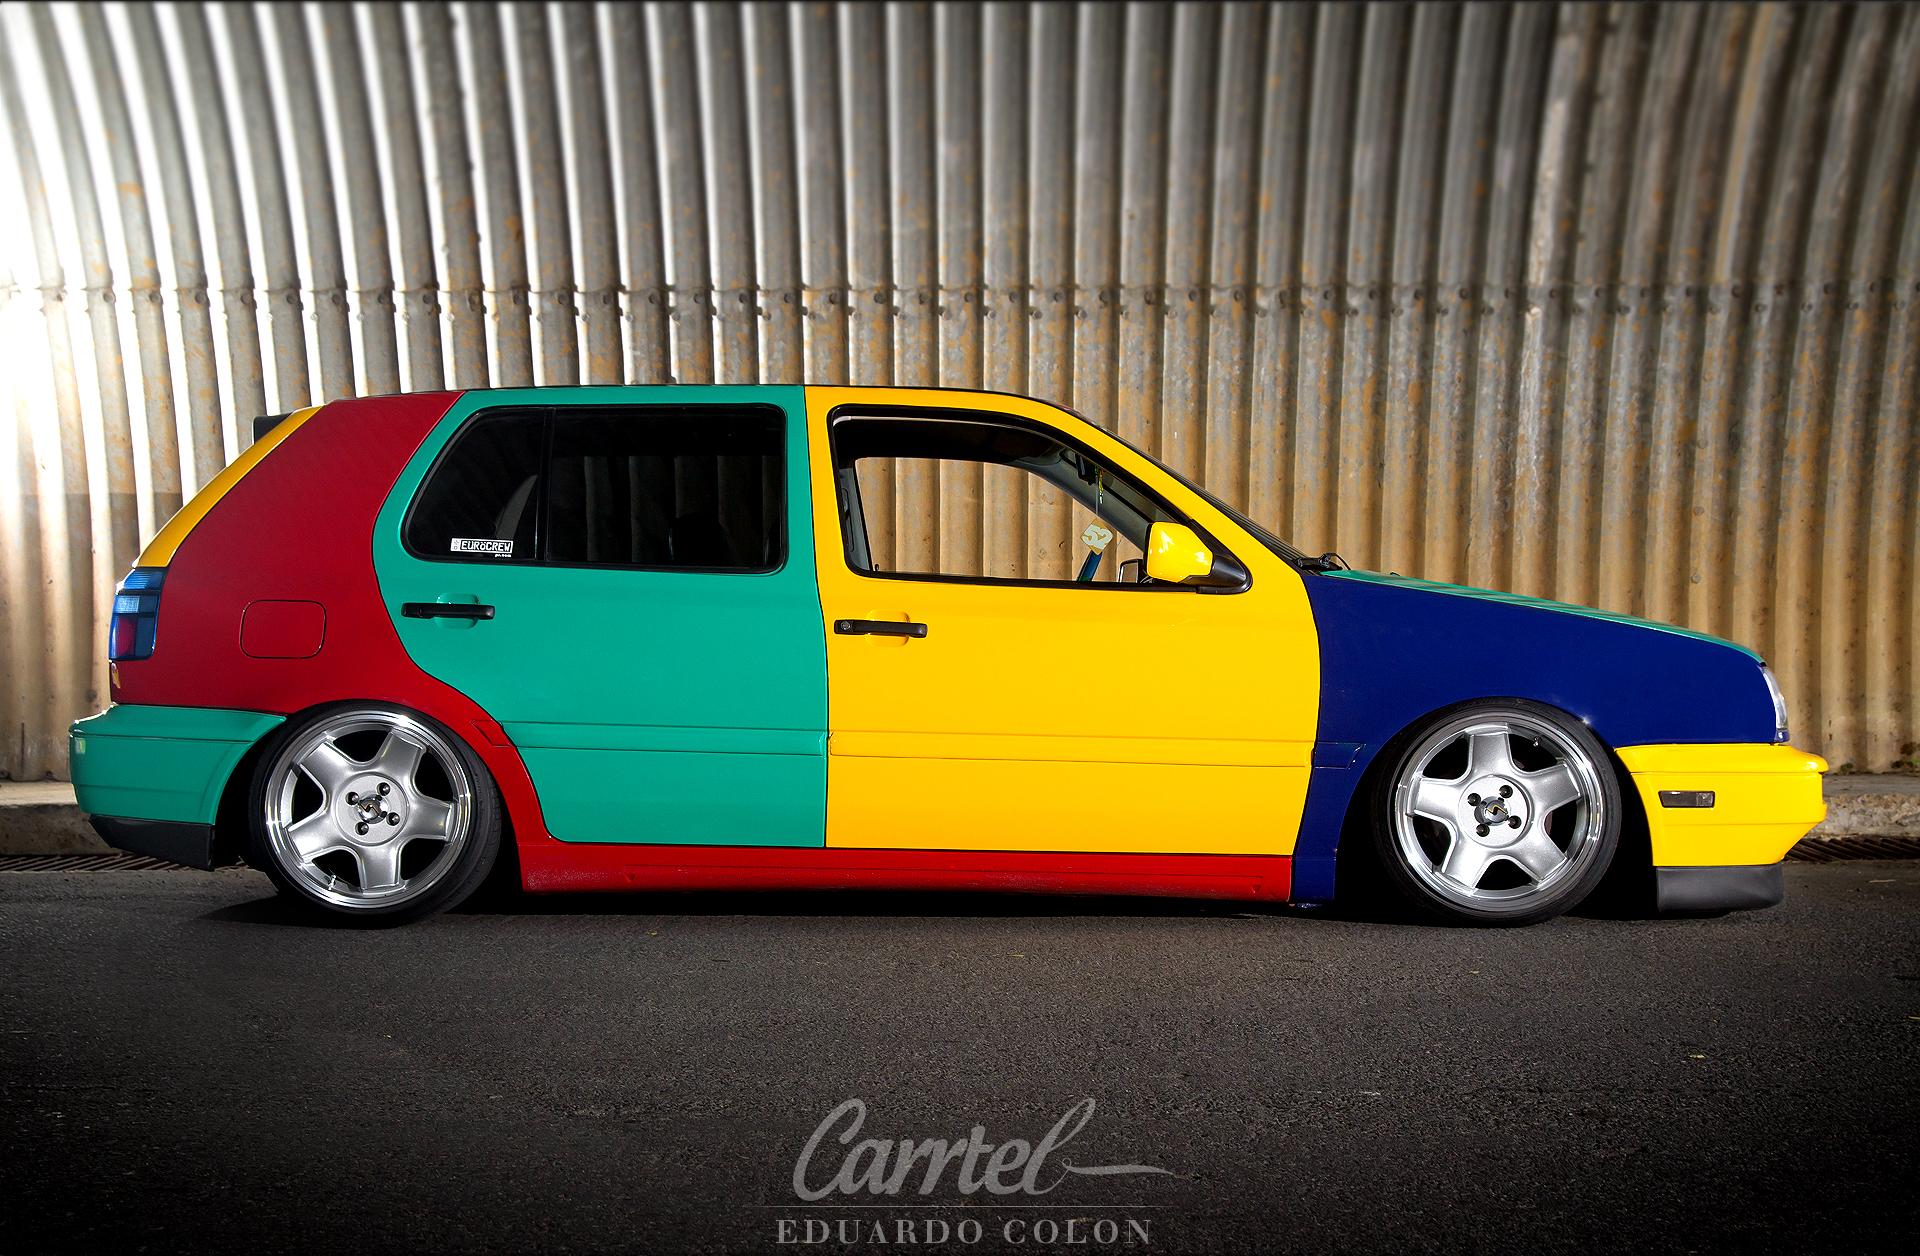 ◄-The Dub Club - A VW Enthusiast Club-► [NEW PUZZLE IN OP] 12174064743_1f9ae45cbb_o